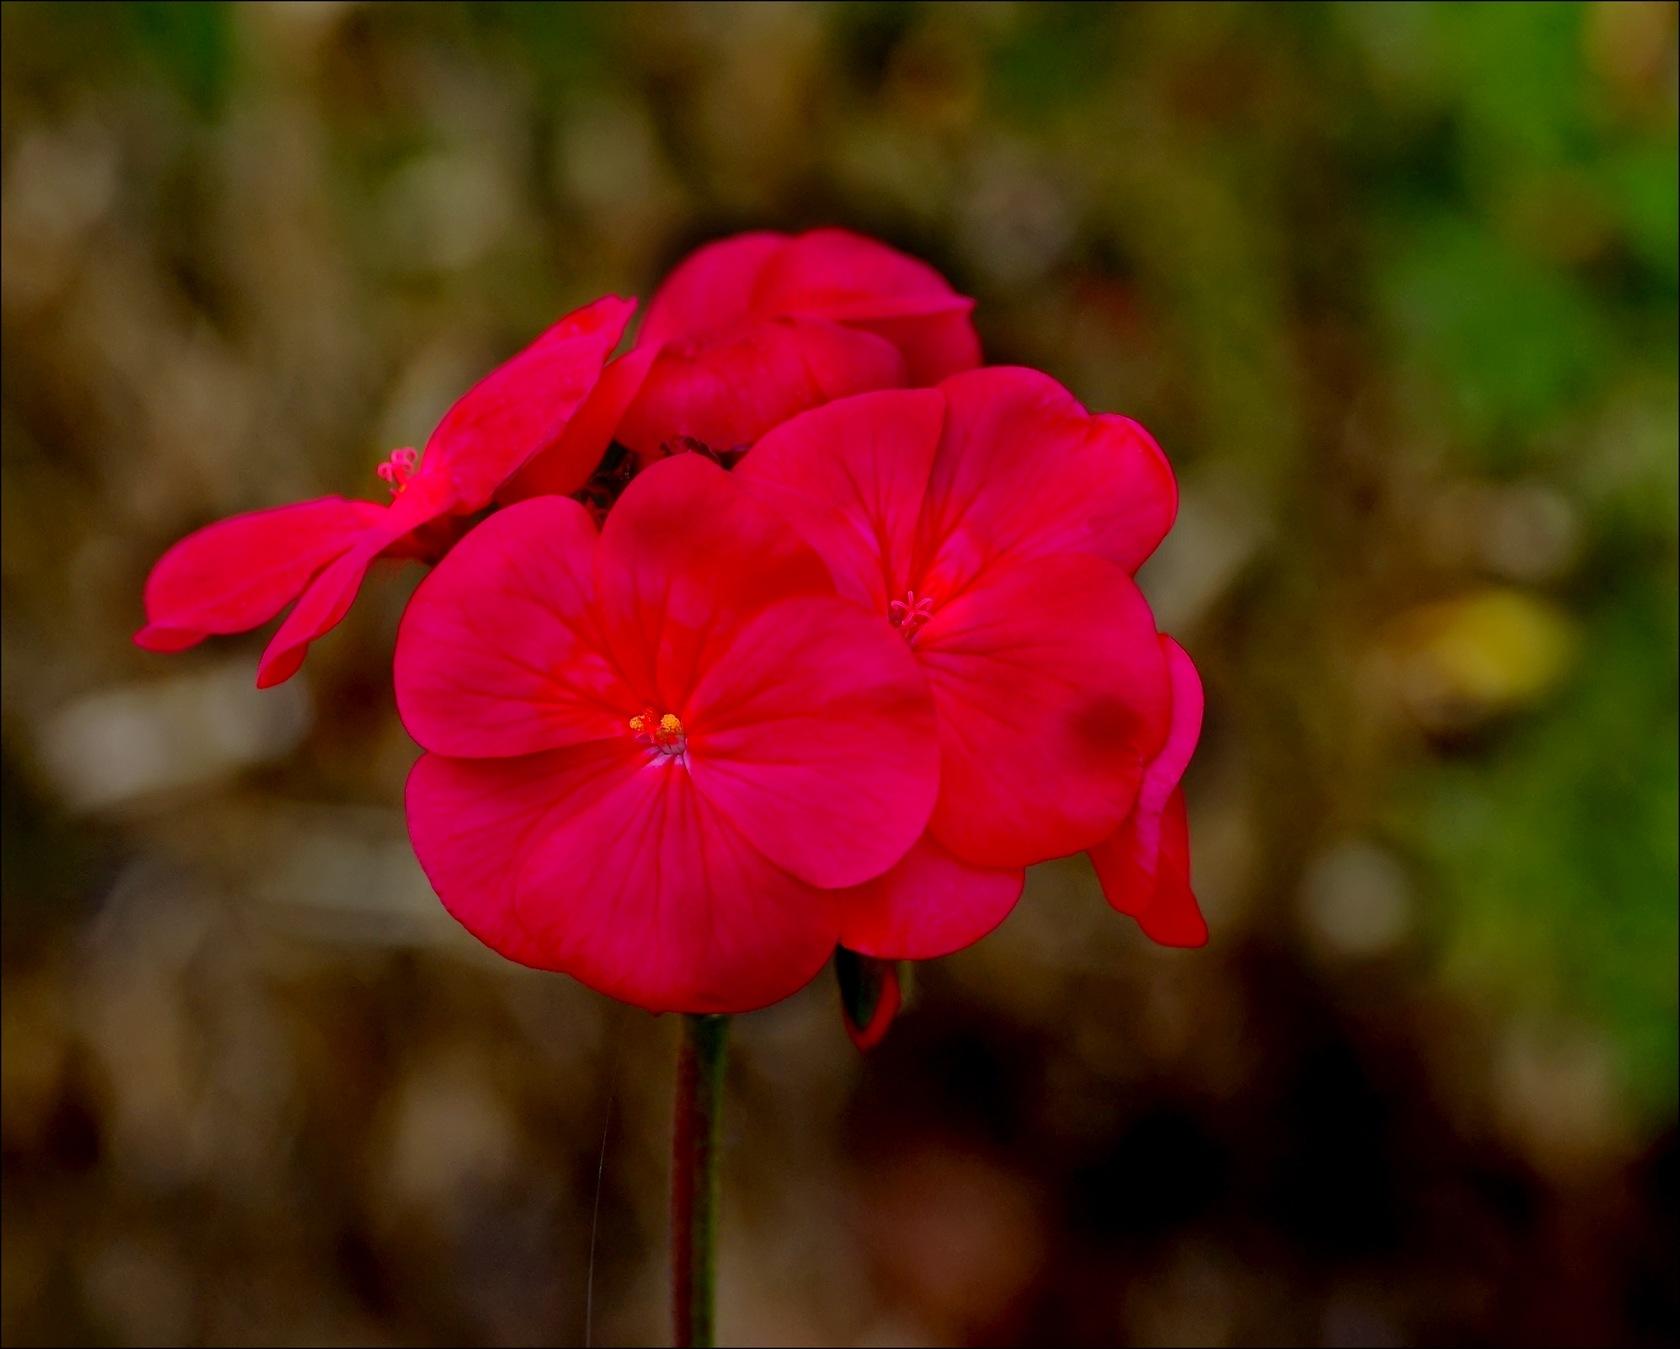 Petites fleurs by Fernand Larochelle